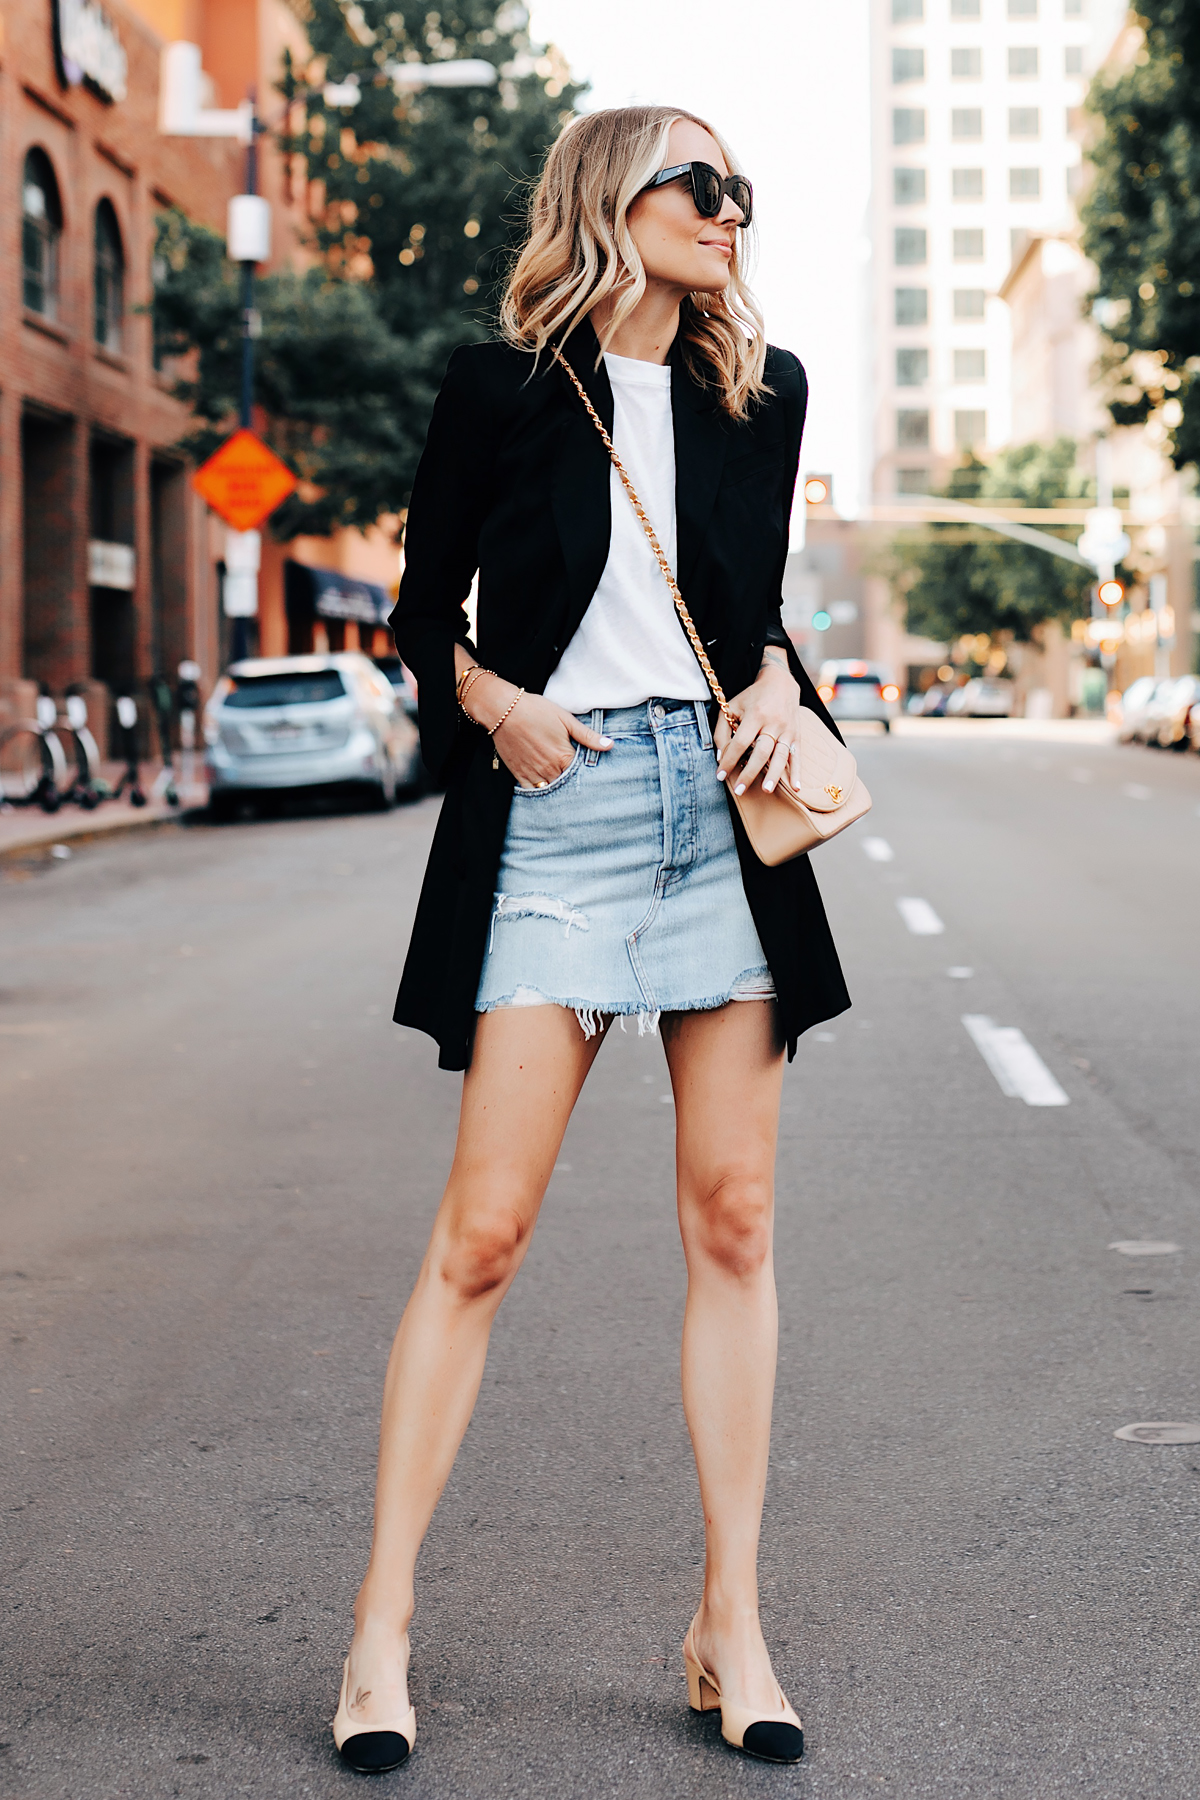 Fashion Jackson Wearing Anine Bing Black Blazer White Tshirt Levis Denim Skirt Chanel Beige Handbag Chanel Slingbacks 3